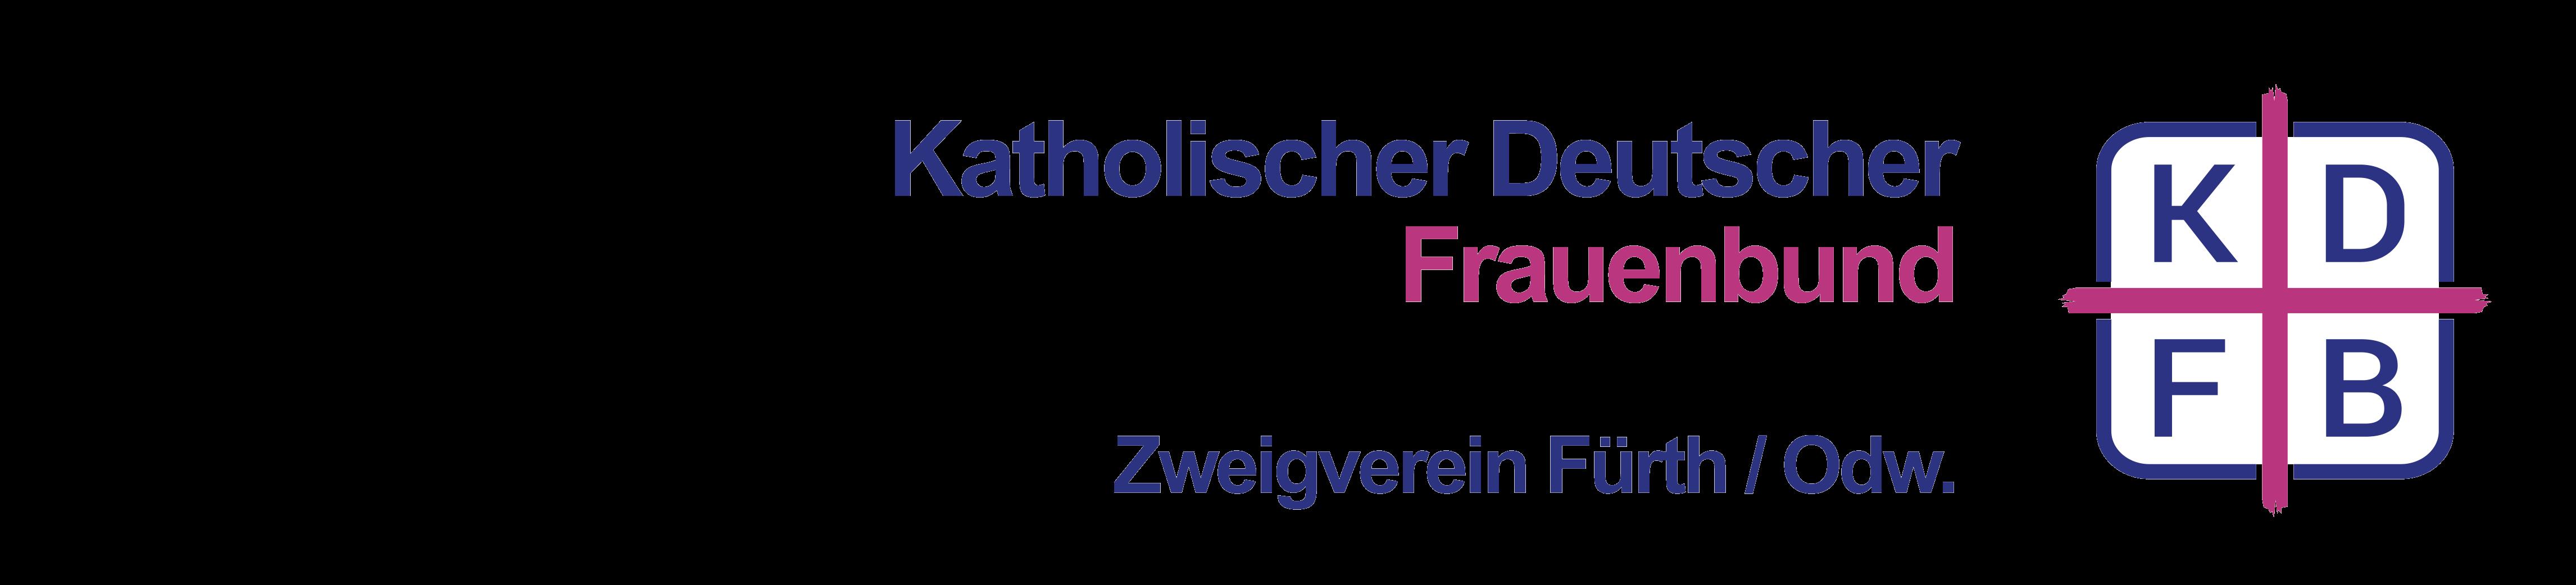 KDFB ZV Fürth